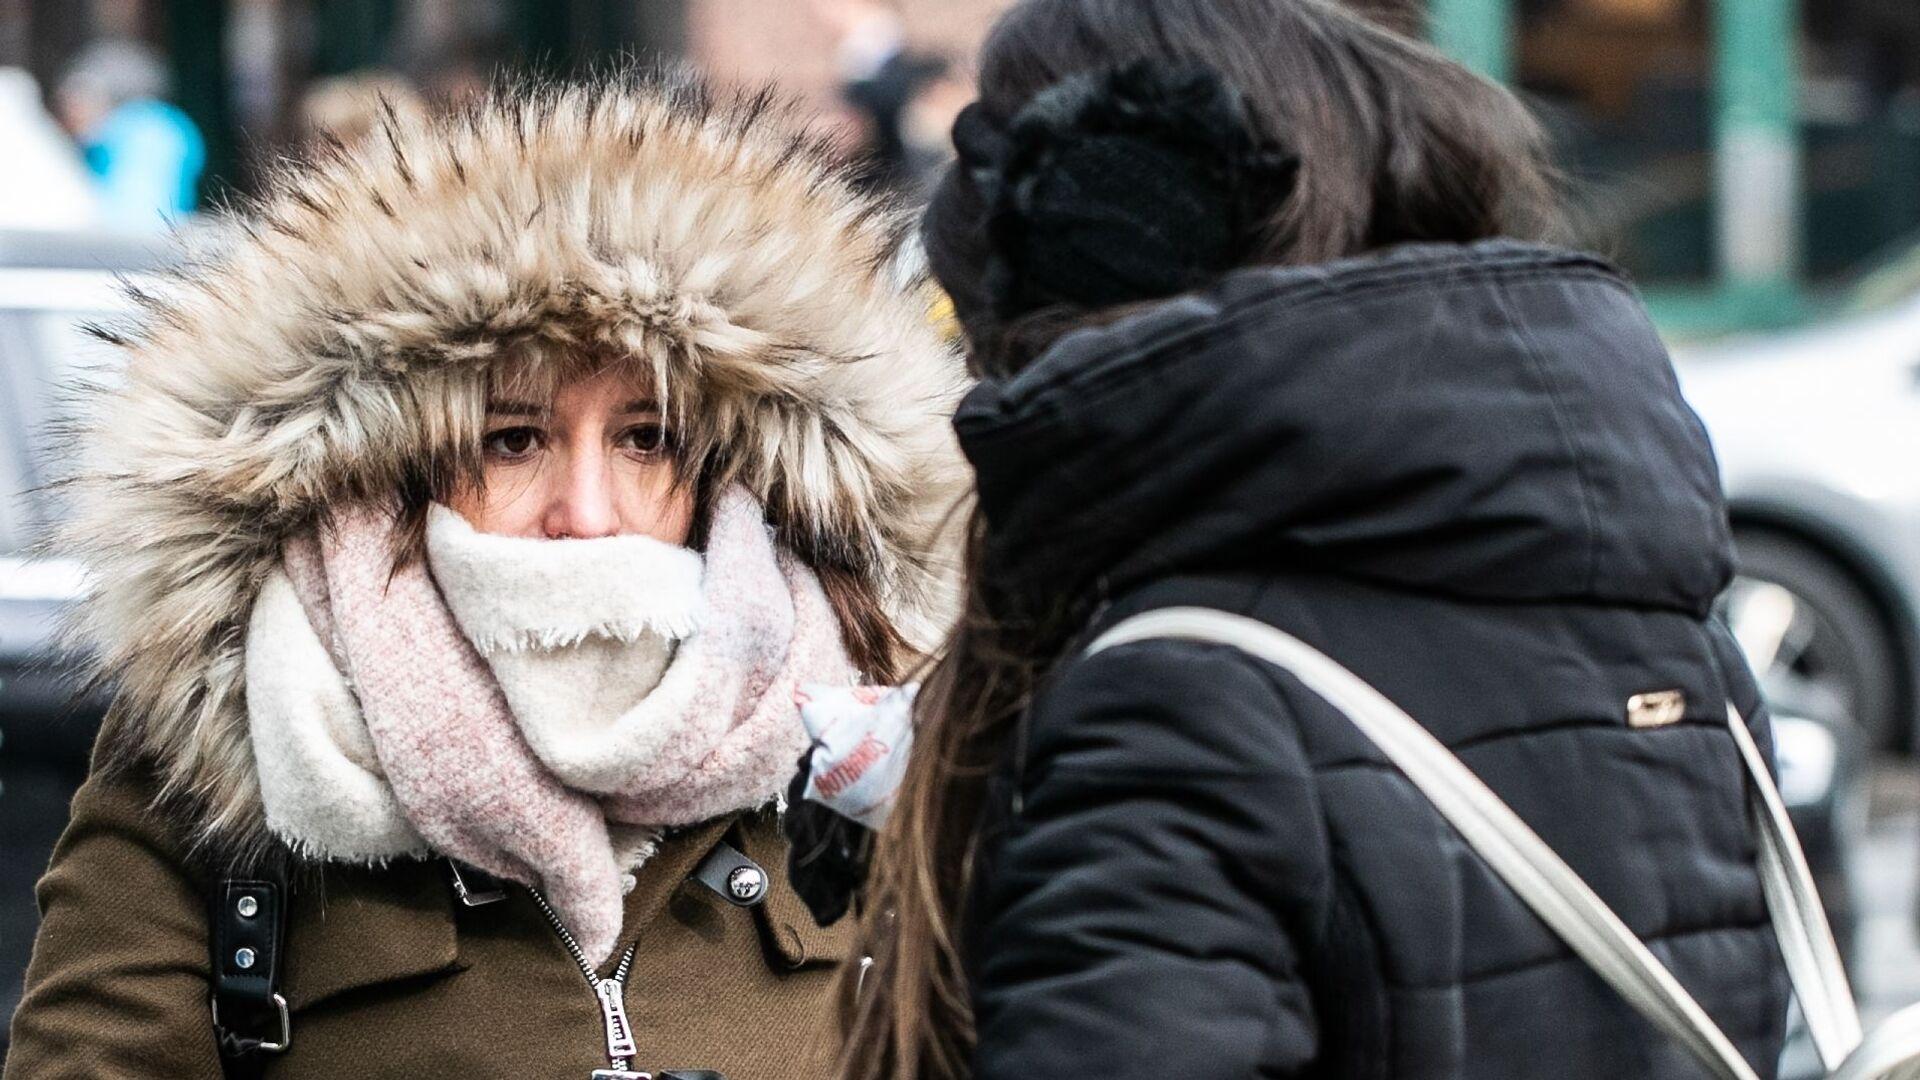 Девушки в холодную погоду на Манхэттене в Нью-Йорке - РИА Новости, 1920, 21.10.2020